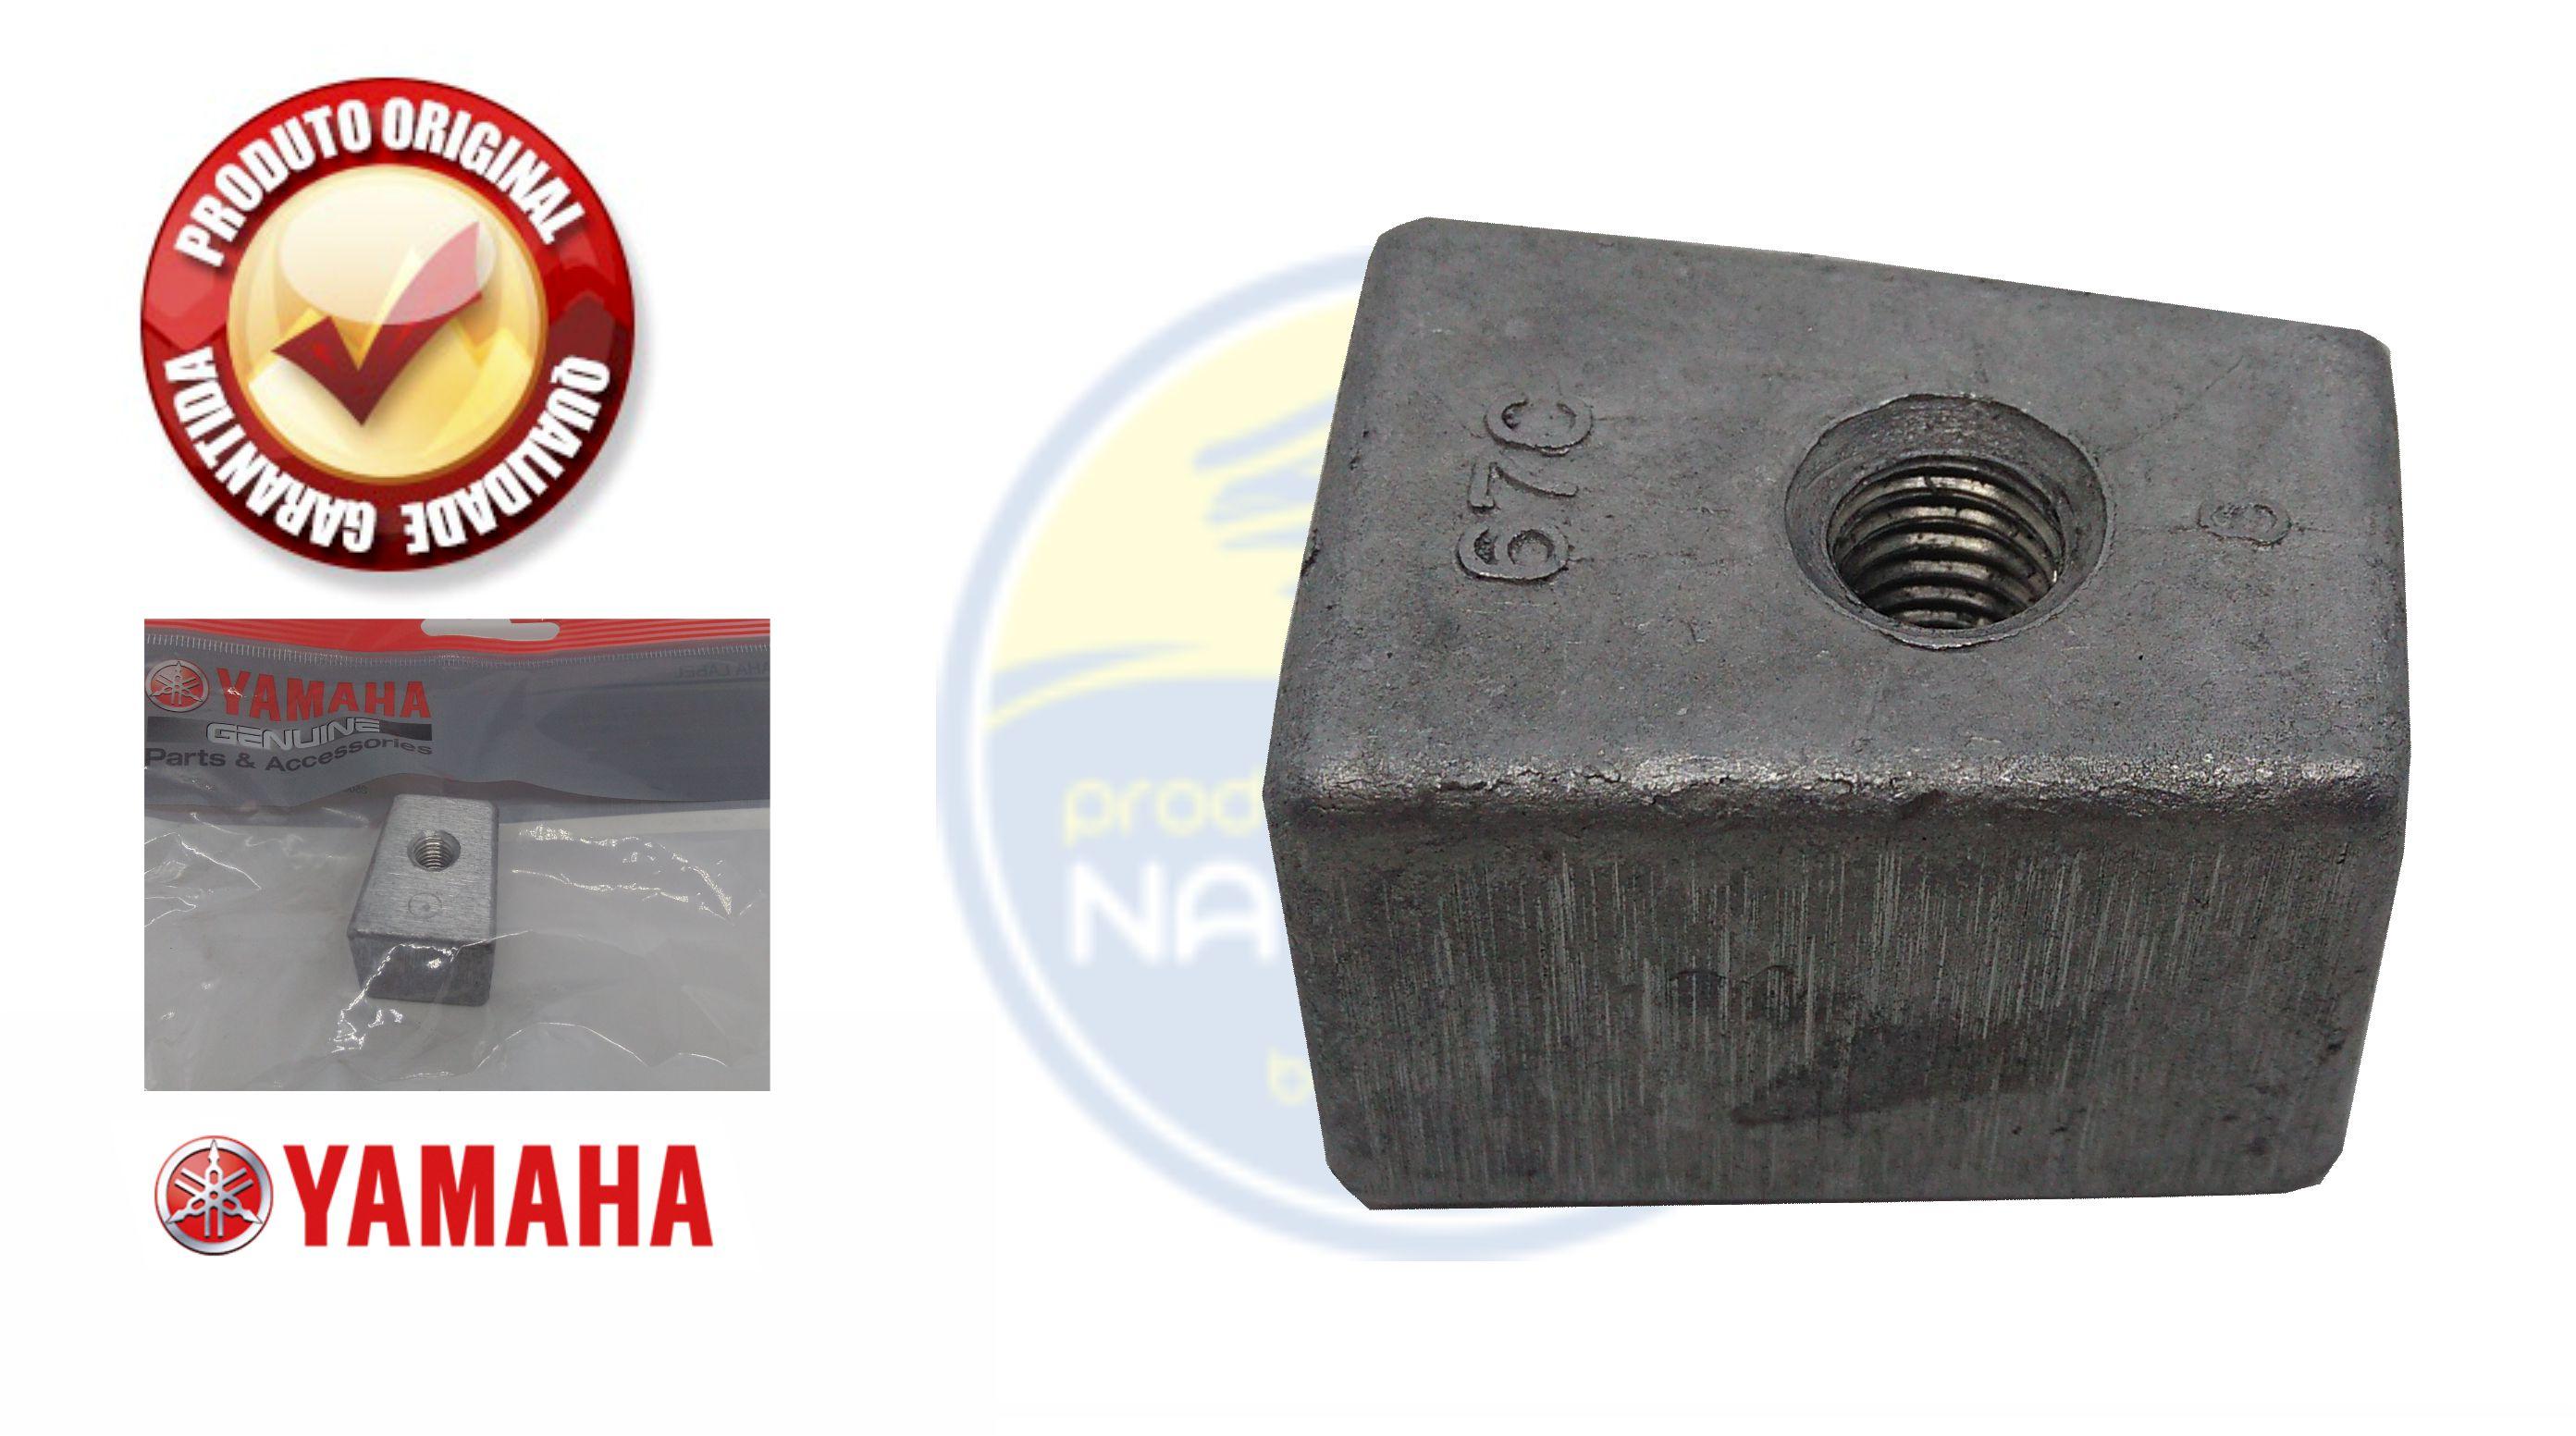 Bomba De Porão Rule 1100 Gph 1890 Litros Hora 12v Náutica 27D - Barco Lancha